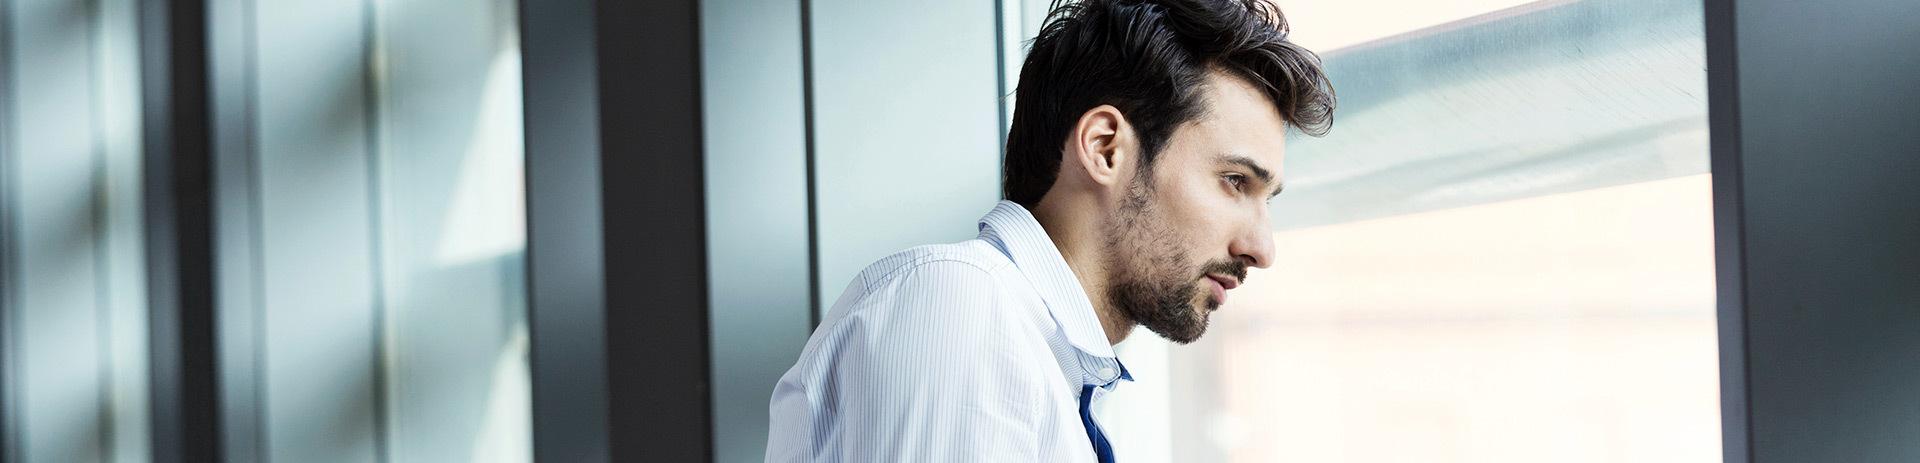 junger Businessman blickt aus Fenster